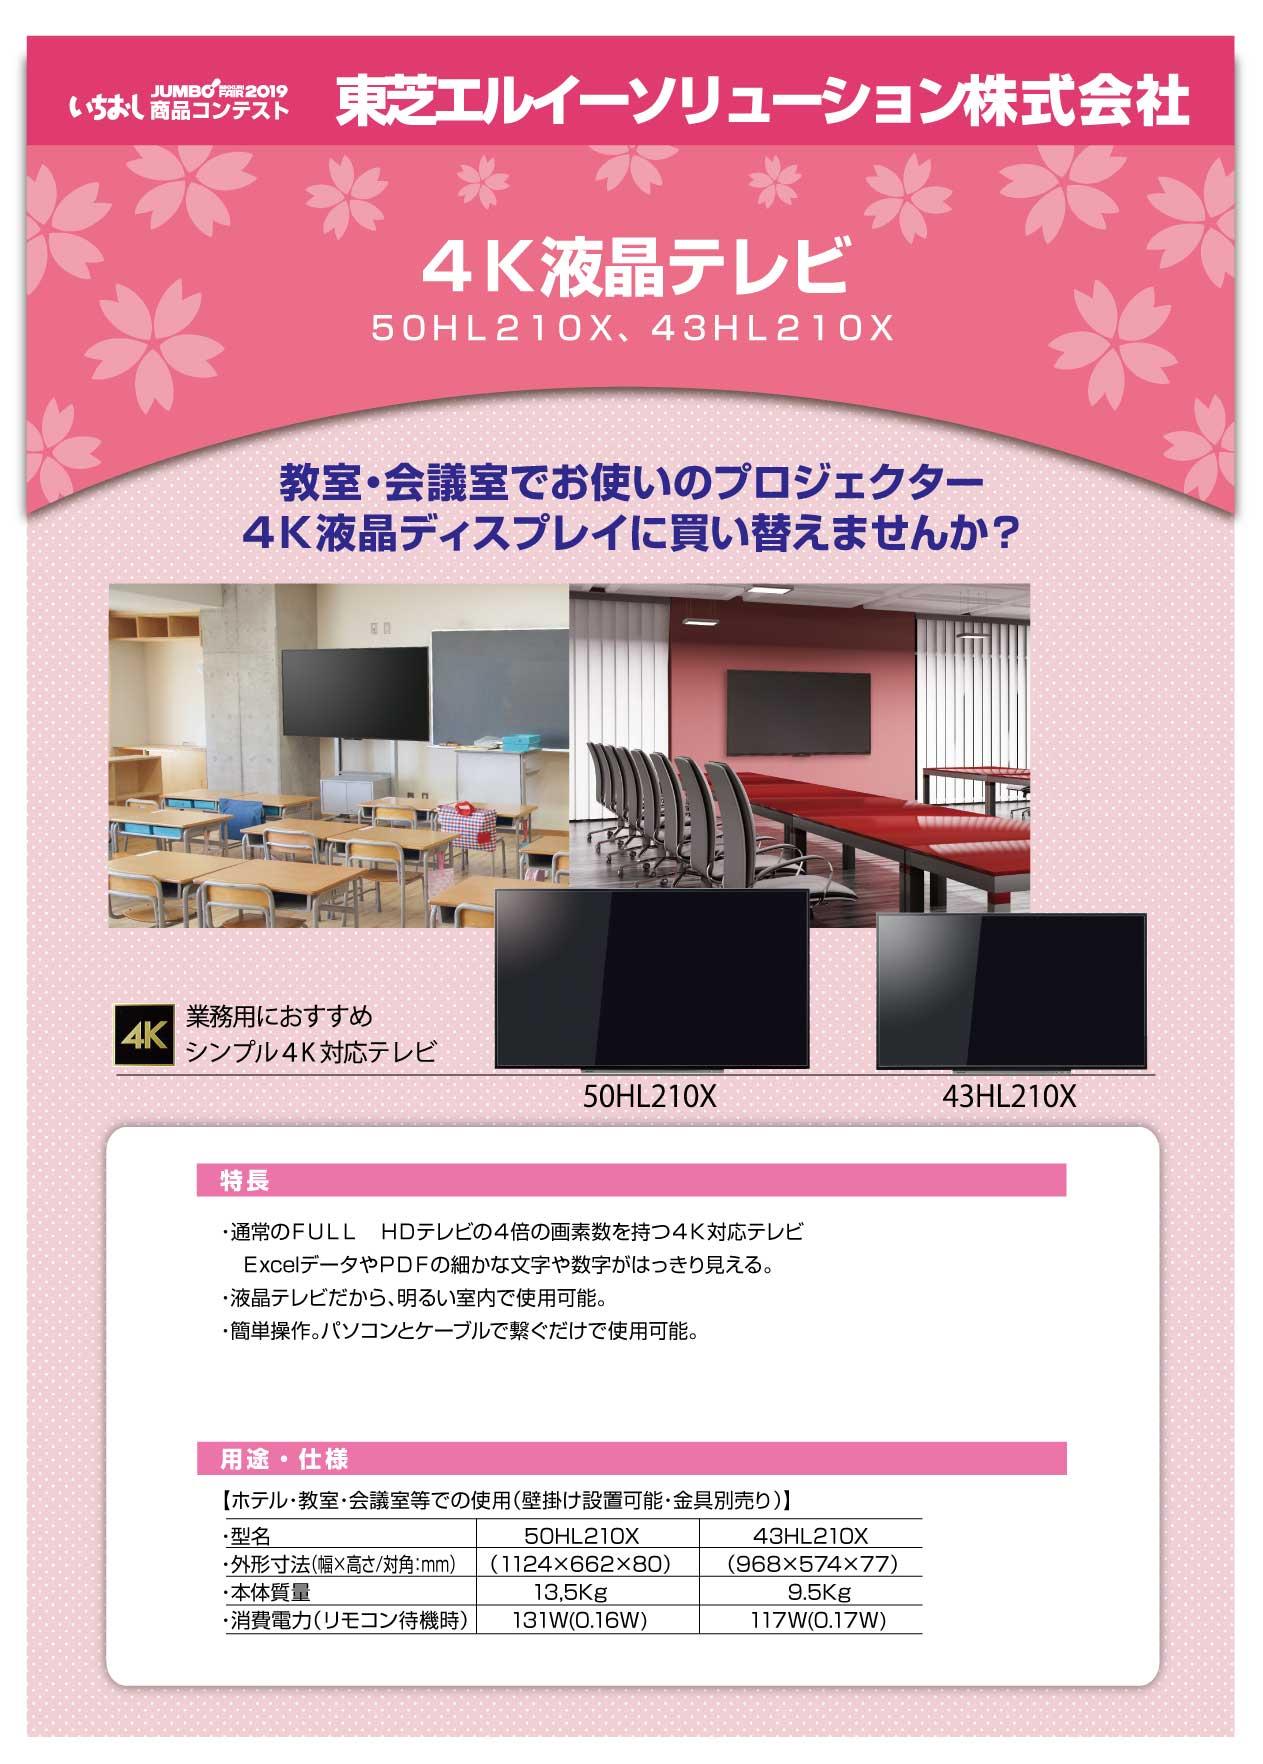 「4K液晶テレビ」東芝エルイーソリューション株式会社の画像